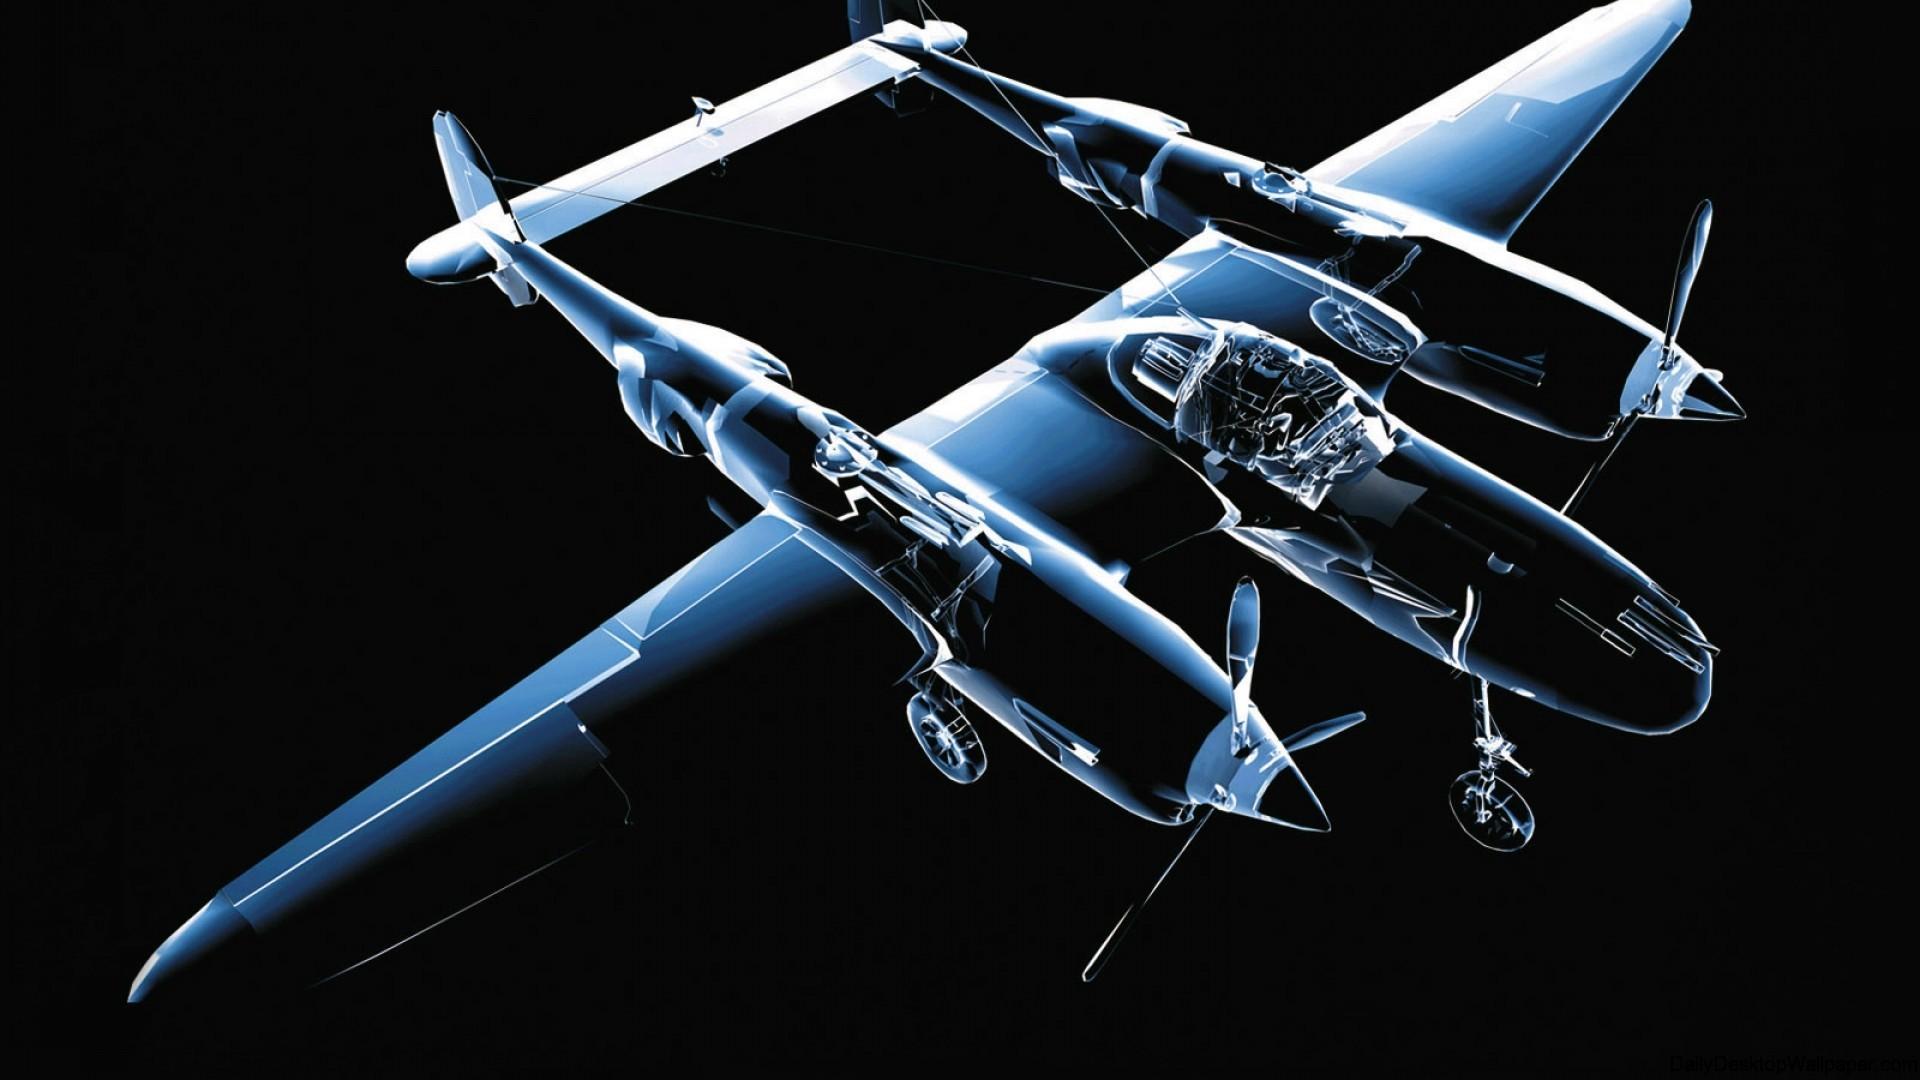 3D-Aircraft-Wallpaper